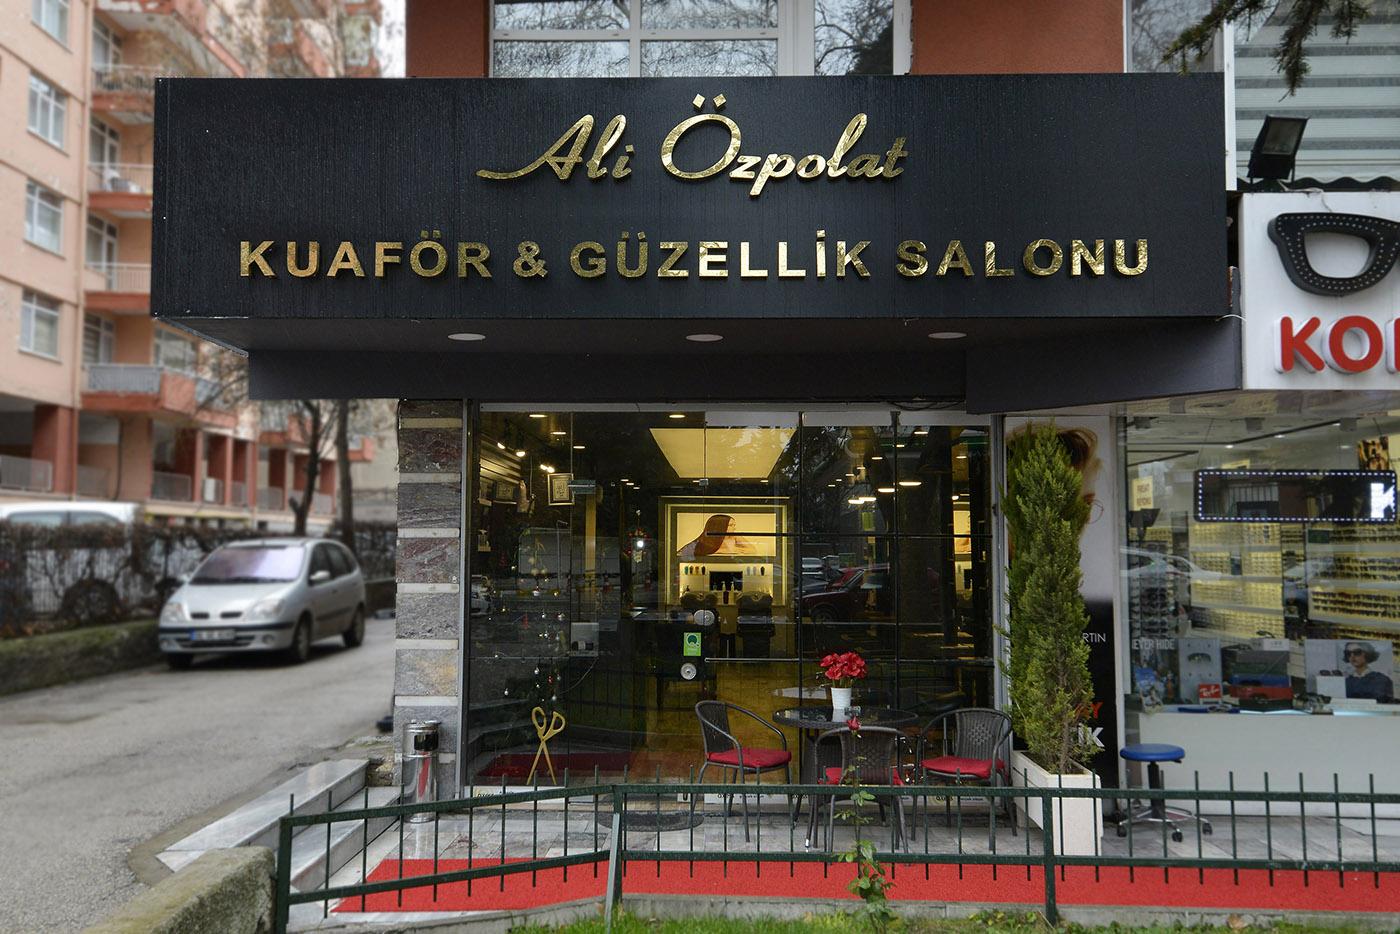 Ankara - Ali Özpolat Kuaför Salonu